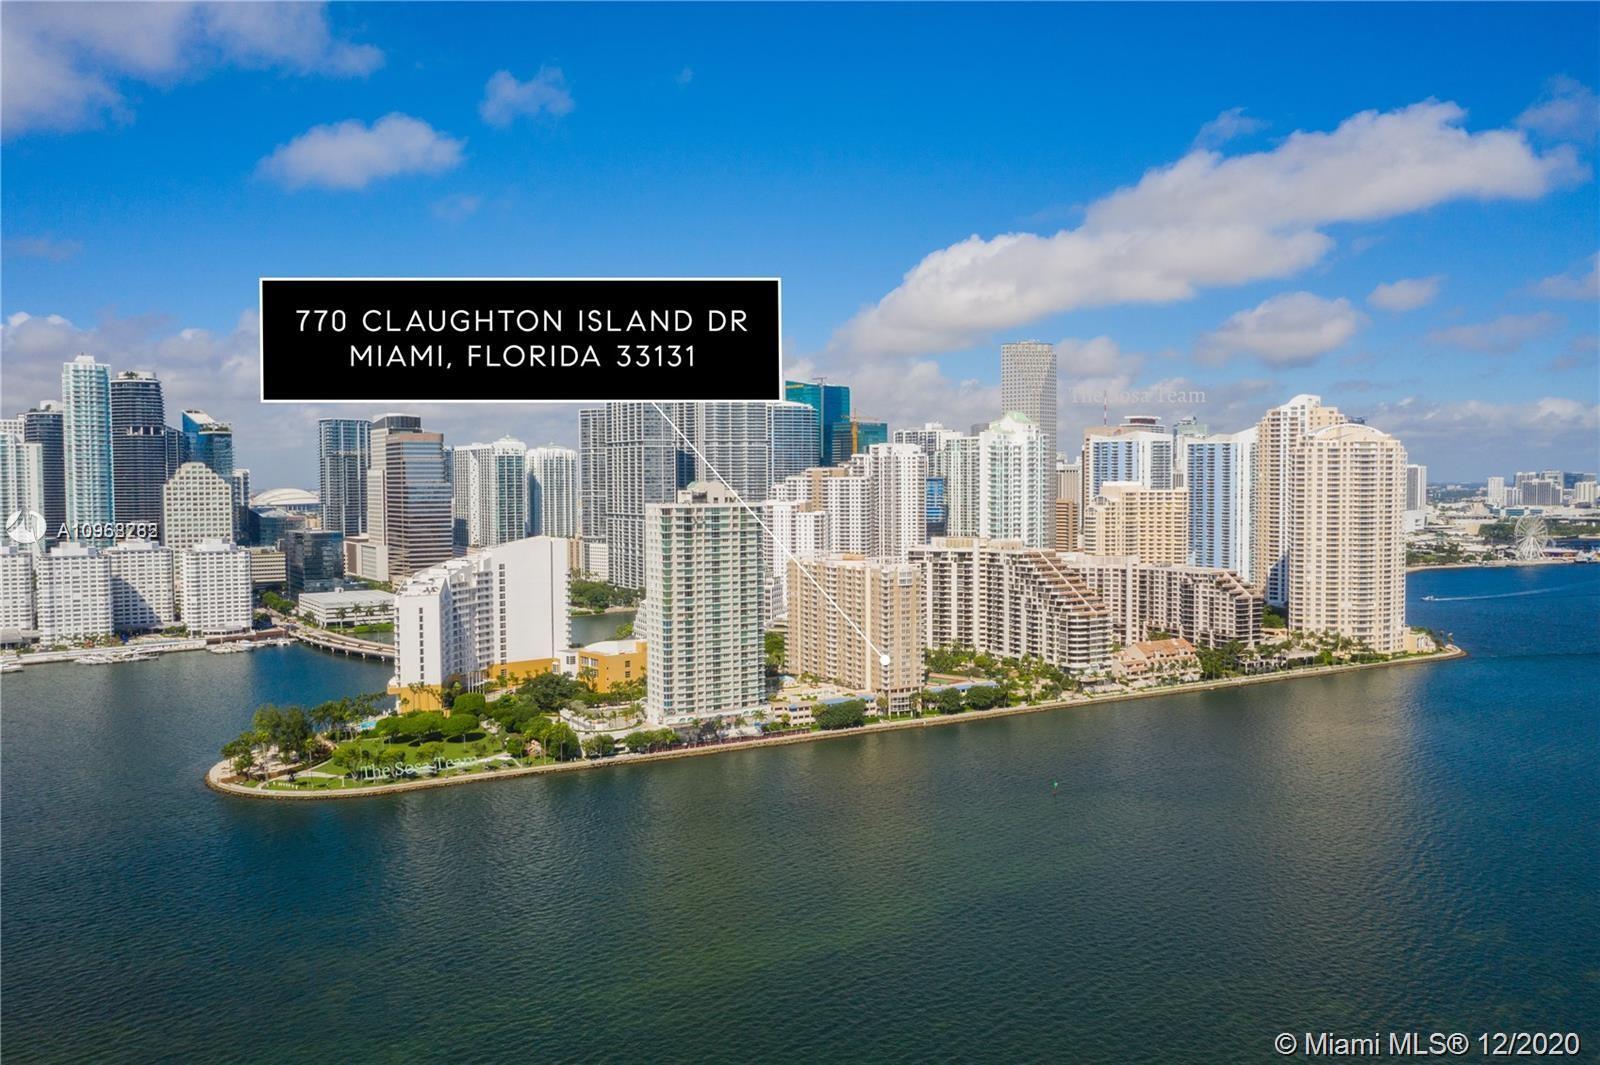 Isola #PH-7 - 770 Claughton Island Dr #PH-7, Miami, FL 33131